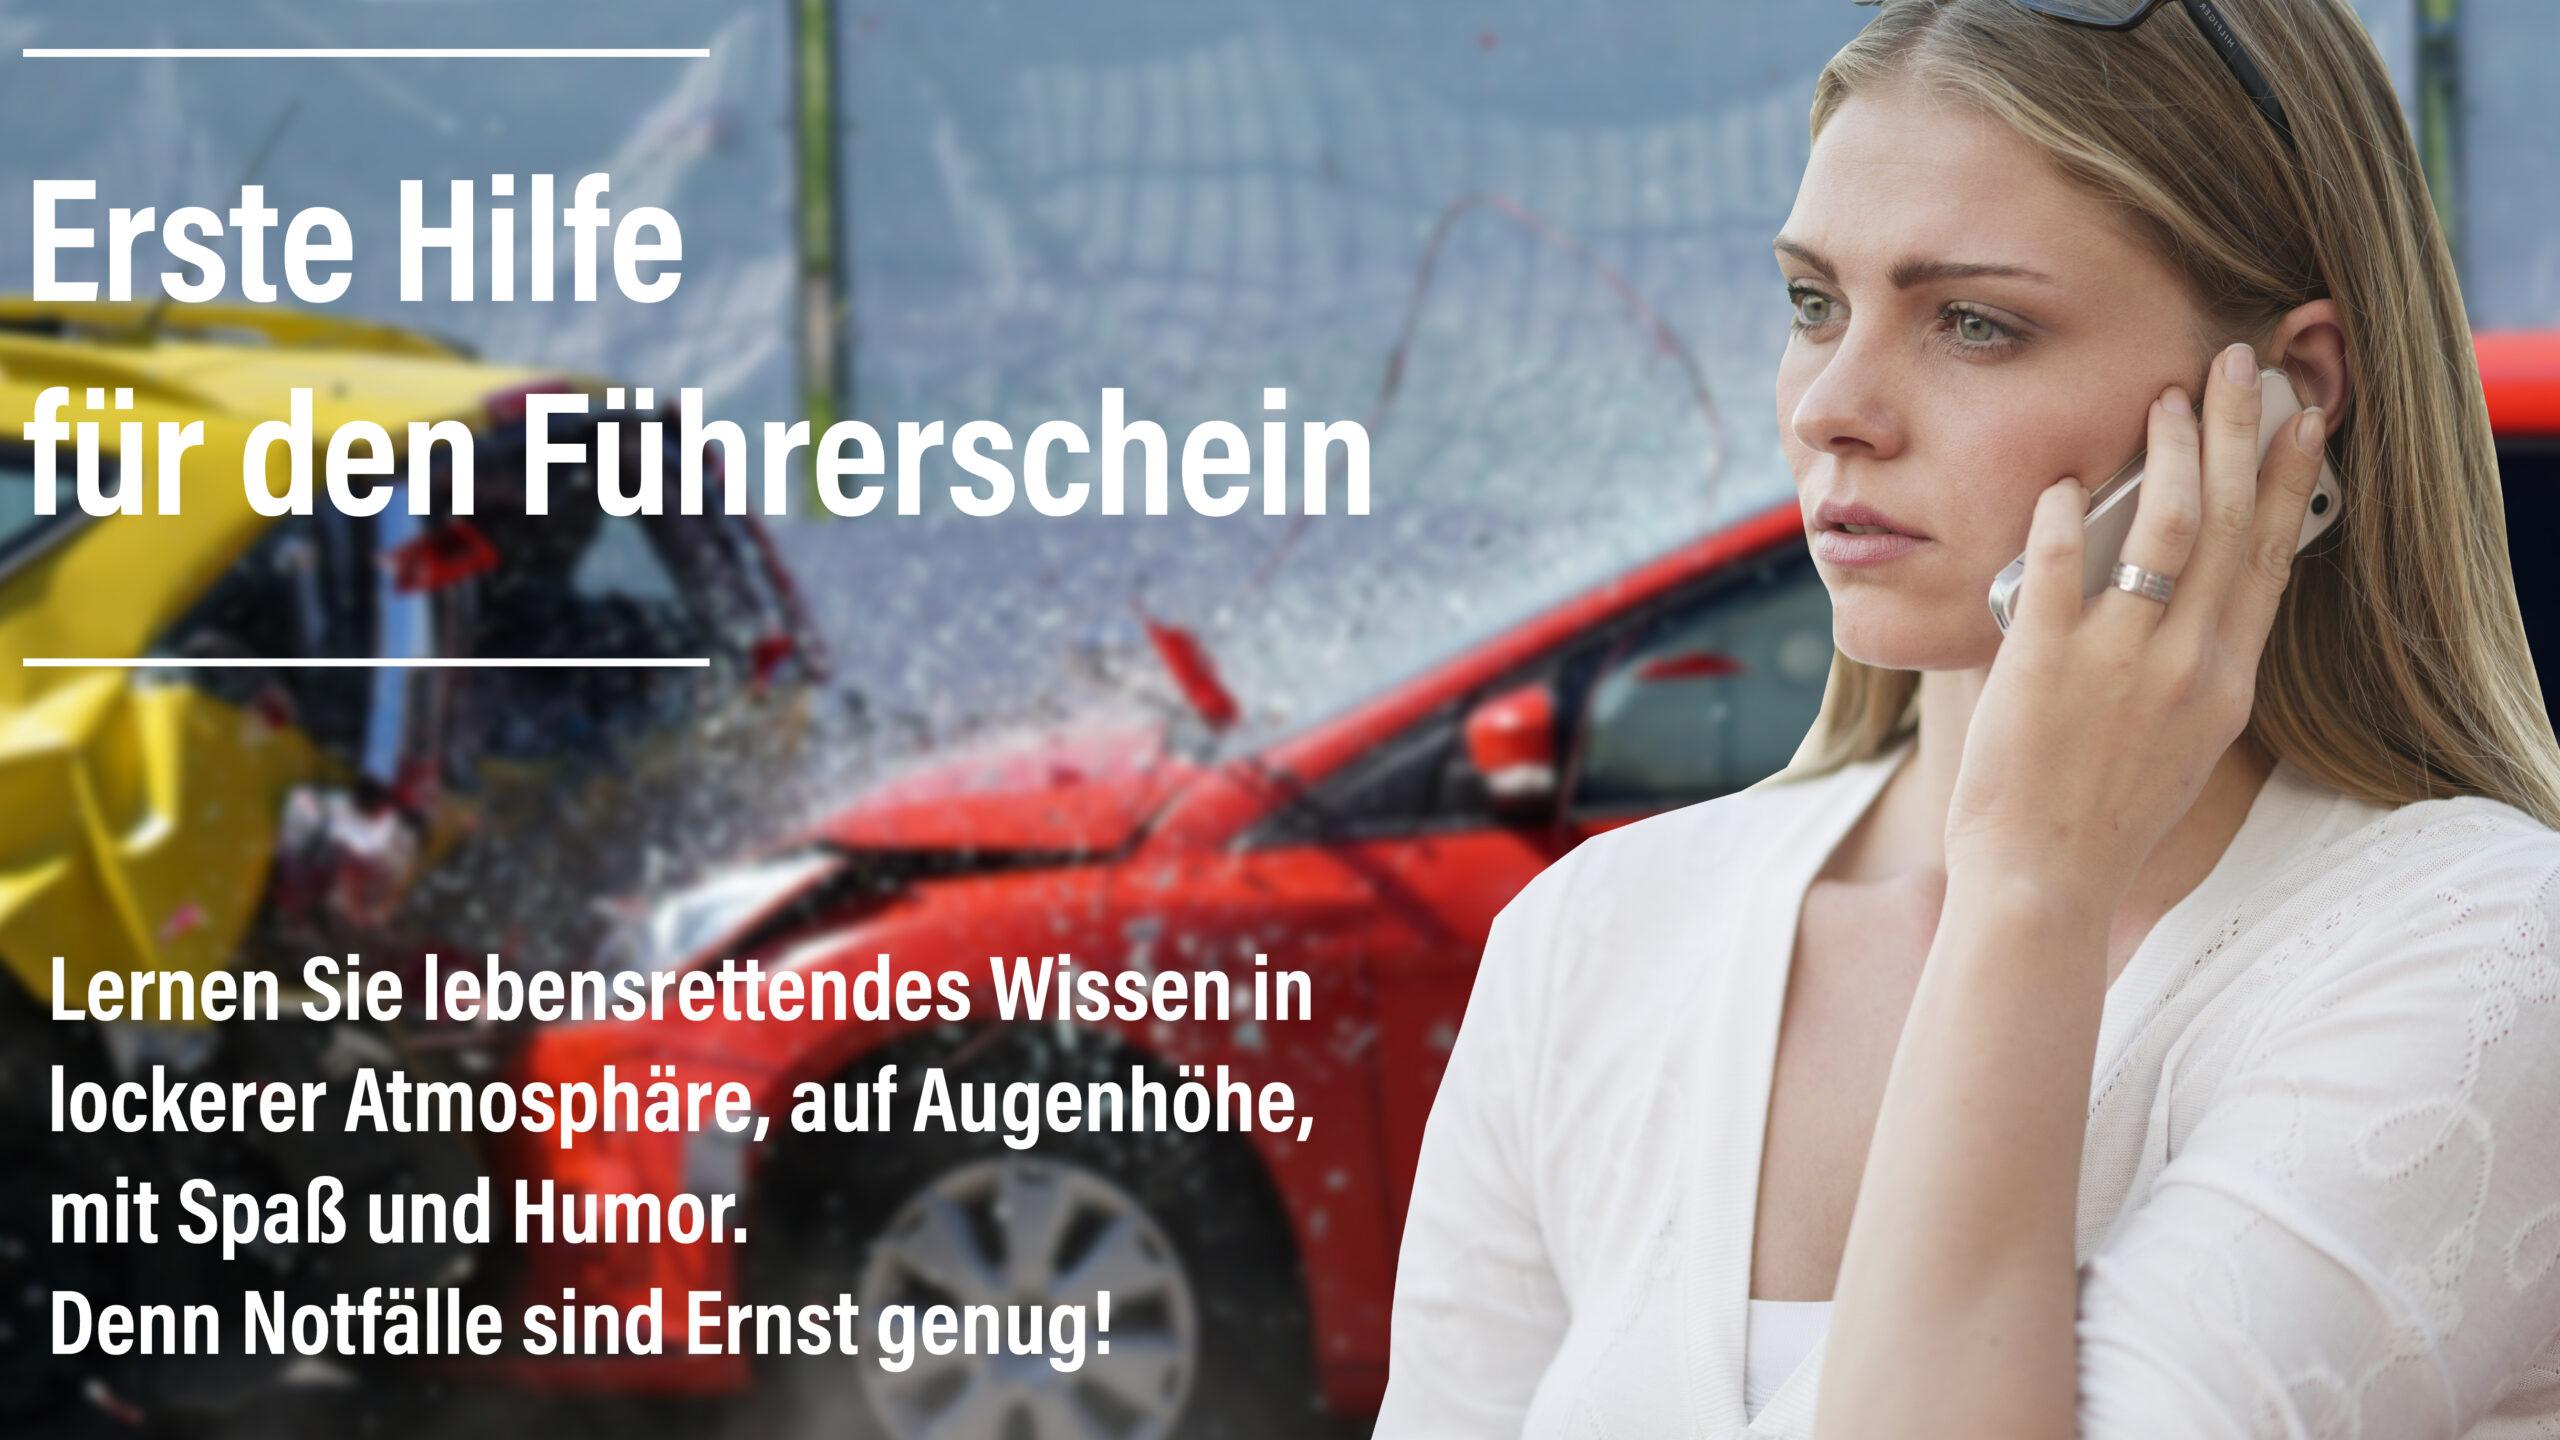 Der Erste-Hilfe-Kurs ist Vorraussetzung für den Erwerb des Führerscheins. Egal, ob du mit dem Auto oder dem Motorrad unterwegs bist: bei einem Unfall kommt es auf deine Hilfe an.